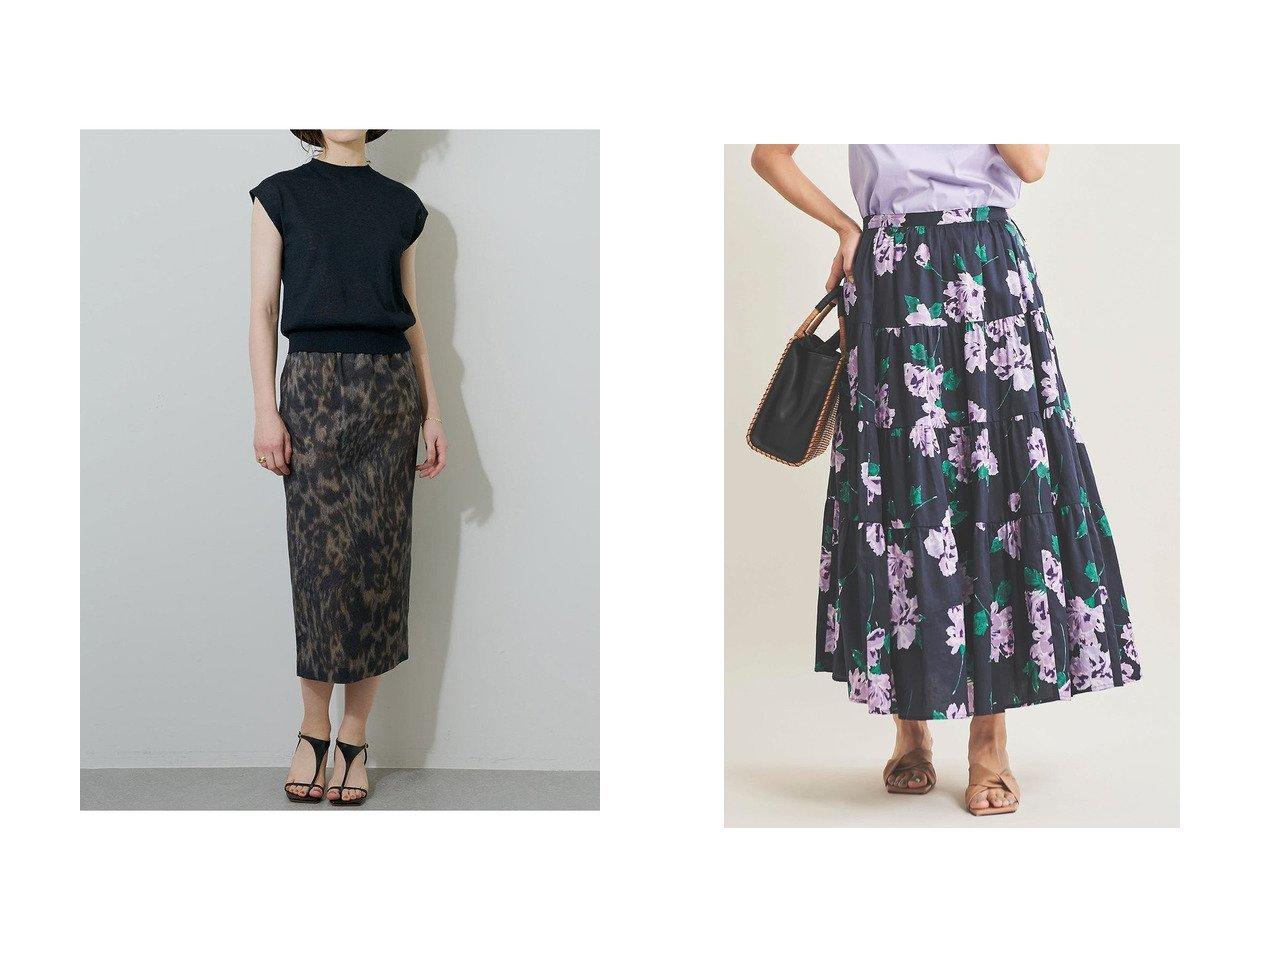 【The Virgnia/ザ ヴァージニア】のコットンティアードフラワースカート&【Whim Gazette/ウィムガゼット】のハイエナプリントスカート 【スカート】おすすめ!人気、トレンド・レディースファッションの通販  おすすめで人気の流行・トレンド、ファッションの通販商品 メンズファッション・キッズファッション・インテリア・家具・レディースファッション・服の通販 founy(ファニー) https://founy.com/ ファッション Fashion レディースファッション WOMEN スカート Skirt ロングスカート Long Skirt シューズ タイトスカート タンブラー フラット リネン イエロー ティアード ティアードスカート フラワー ラベンダー ロング |ID:crp329100000038317